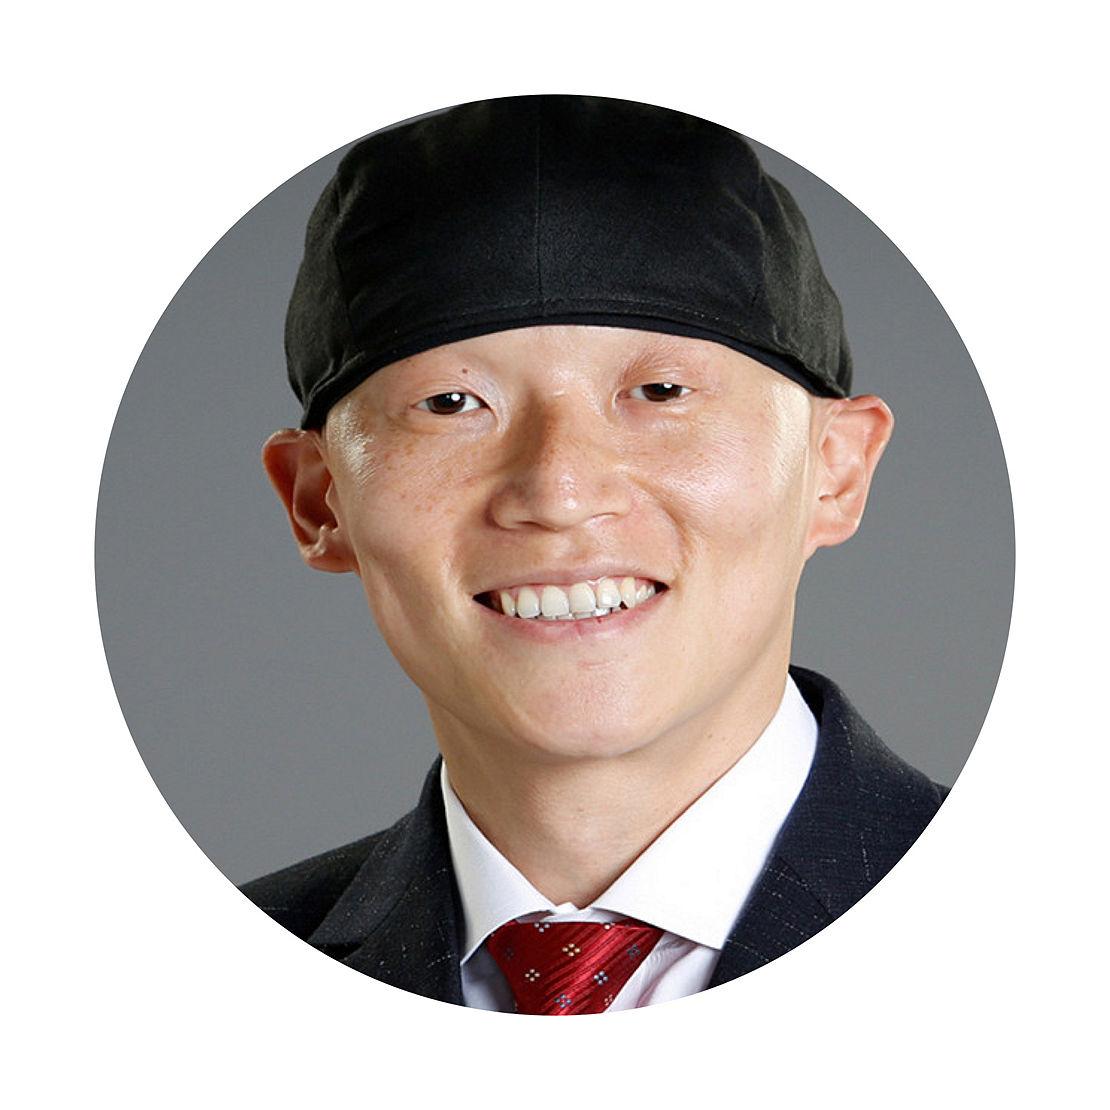 Dylan Huan